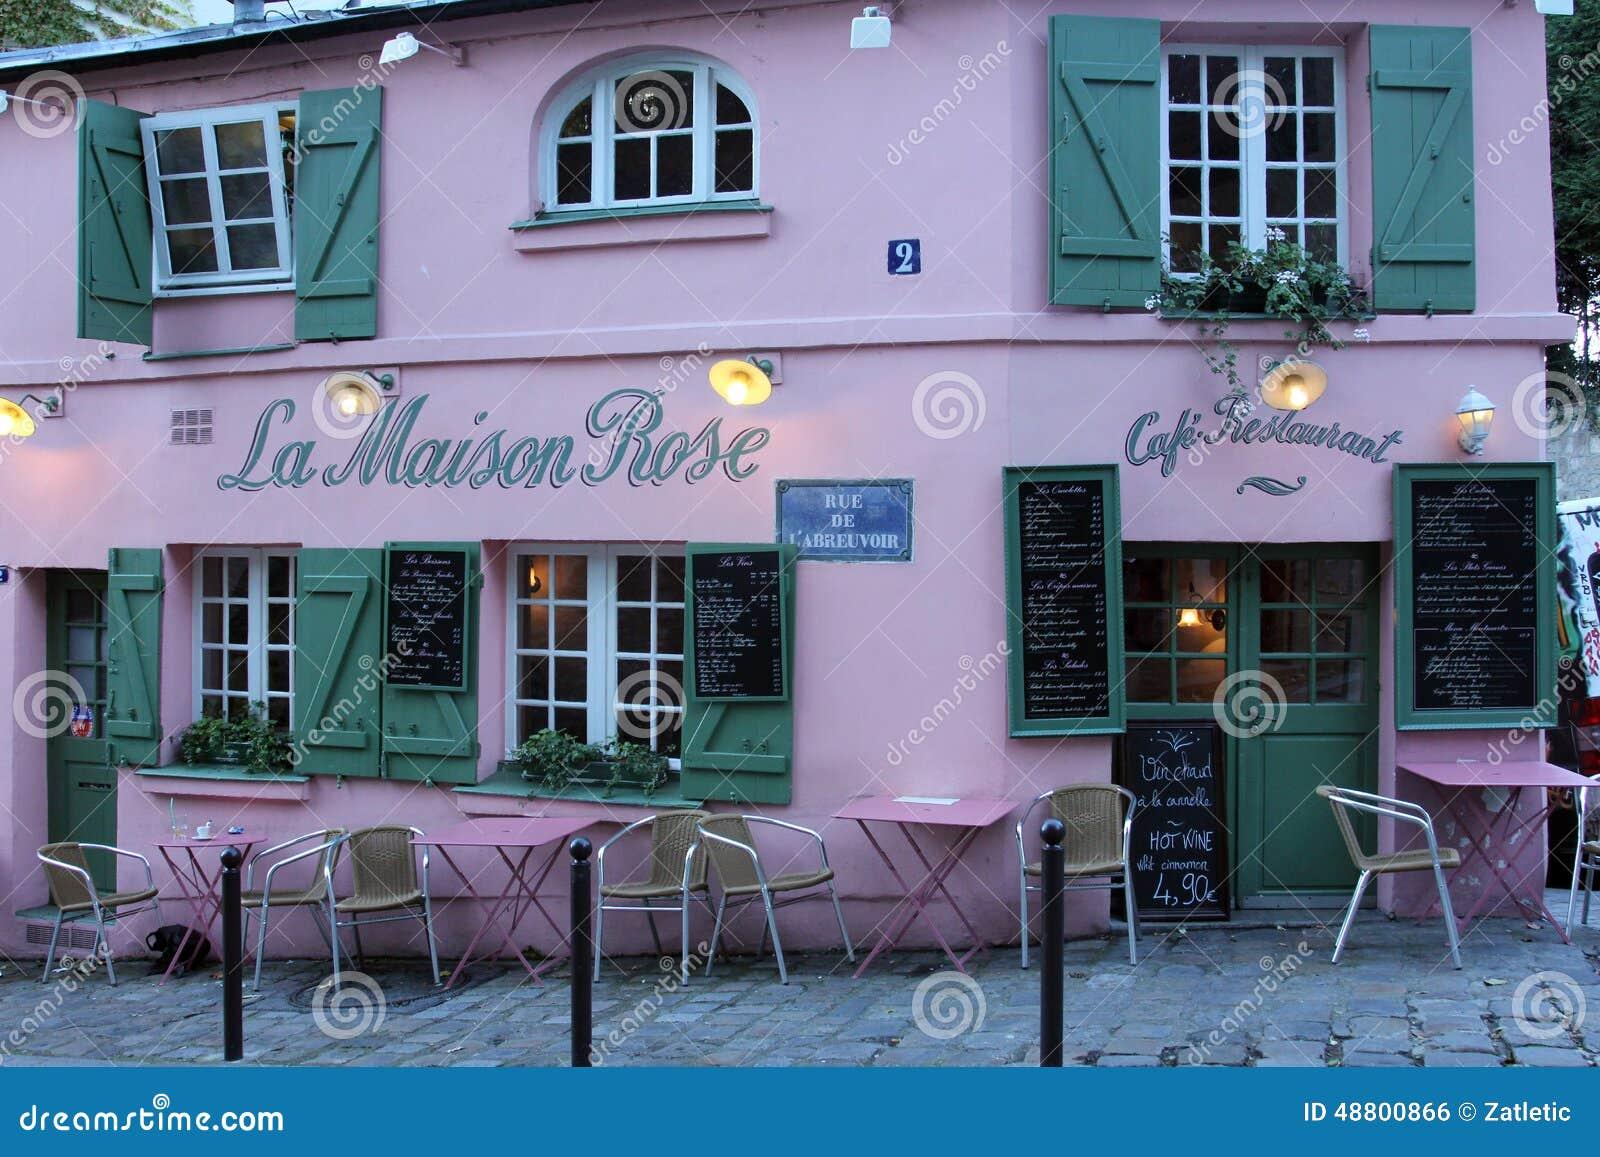 La maison rose restaurant on montmartre in paris editorial for Miroir restaurant montmartre